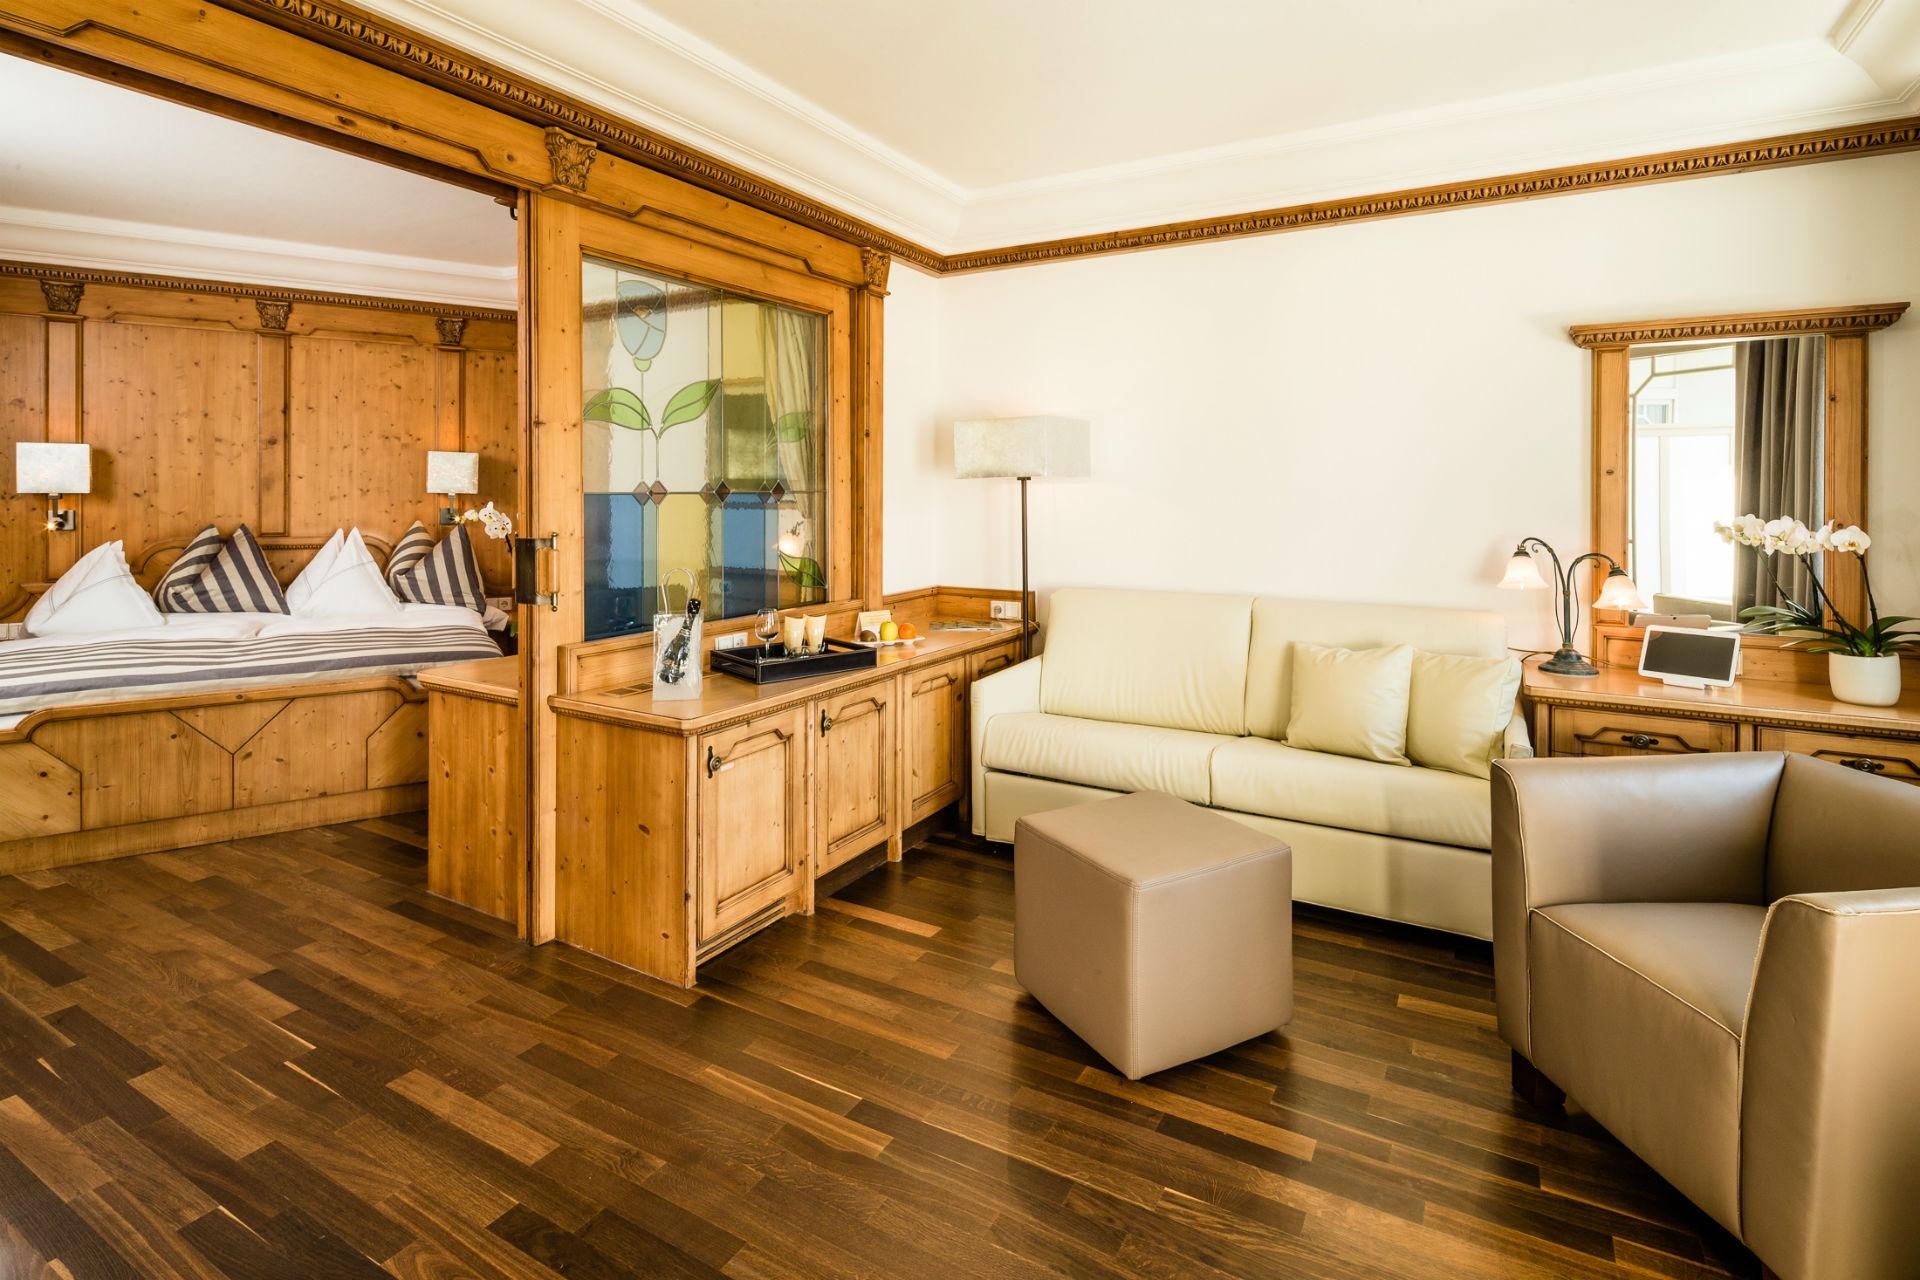 hotel weinegg urlaub s dtirol. Black Bedroom Furniture Sets. Home Design Ideas